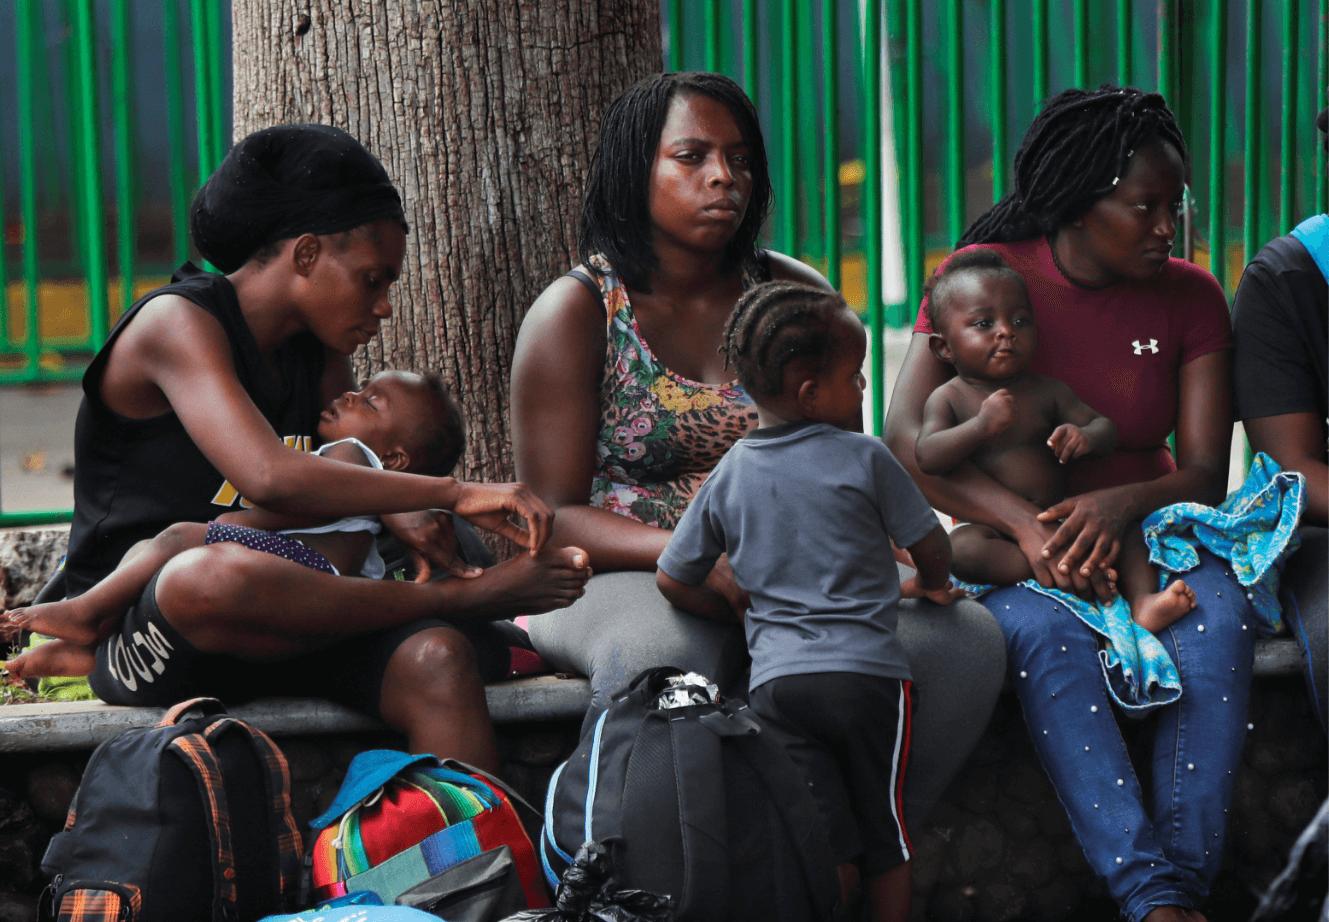 Foto: Migrantes haitianos en Tapachula, Chiapas, 3 de junio de 2019, México